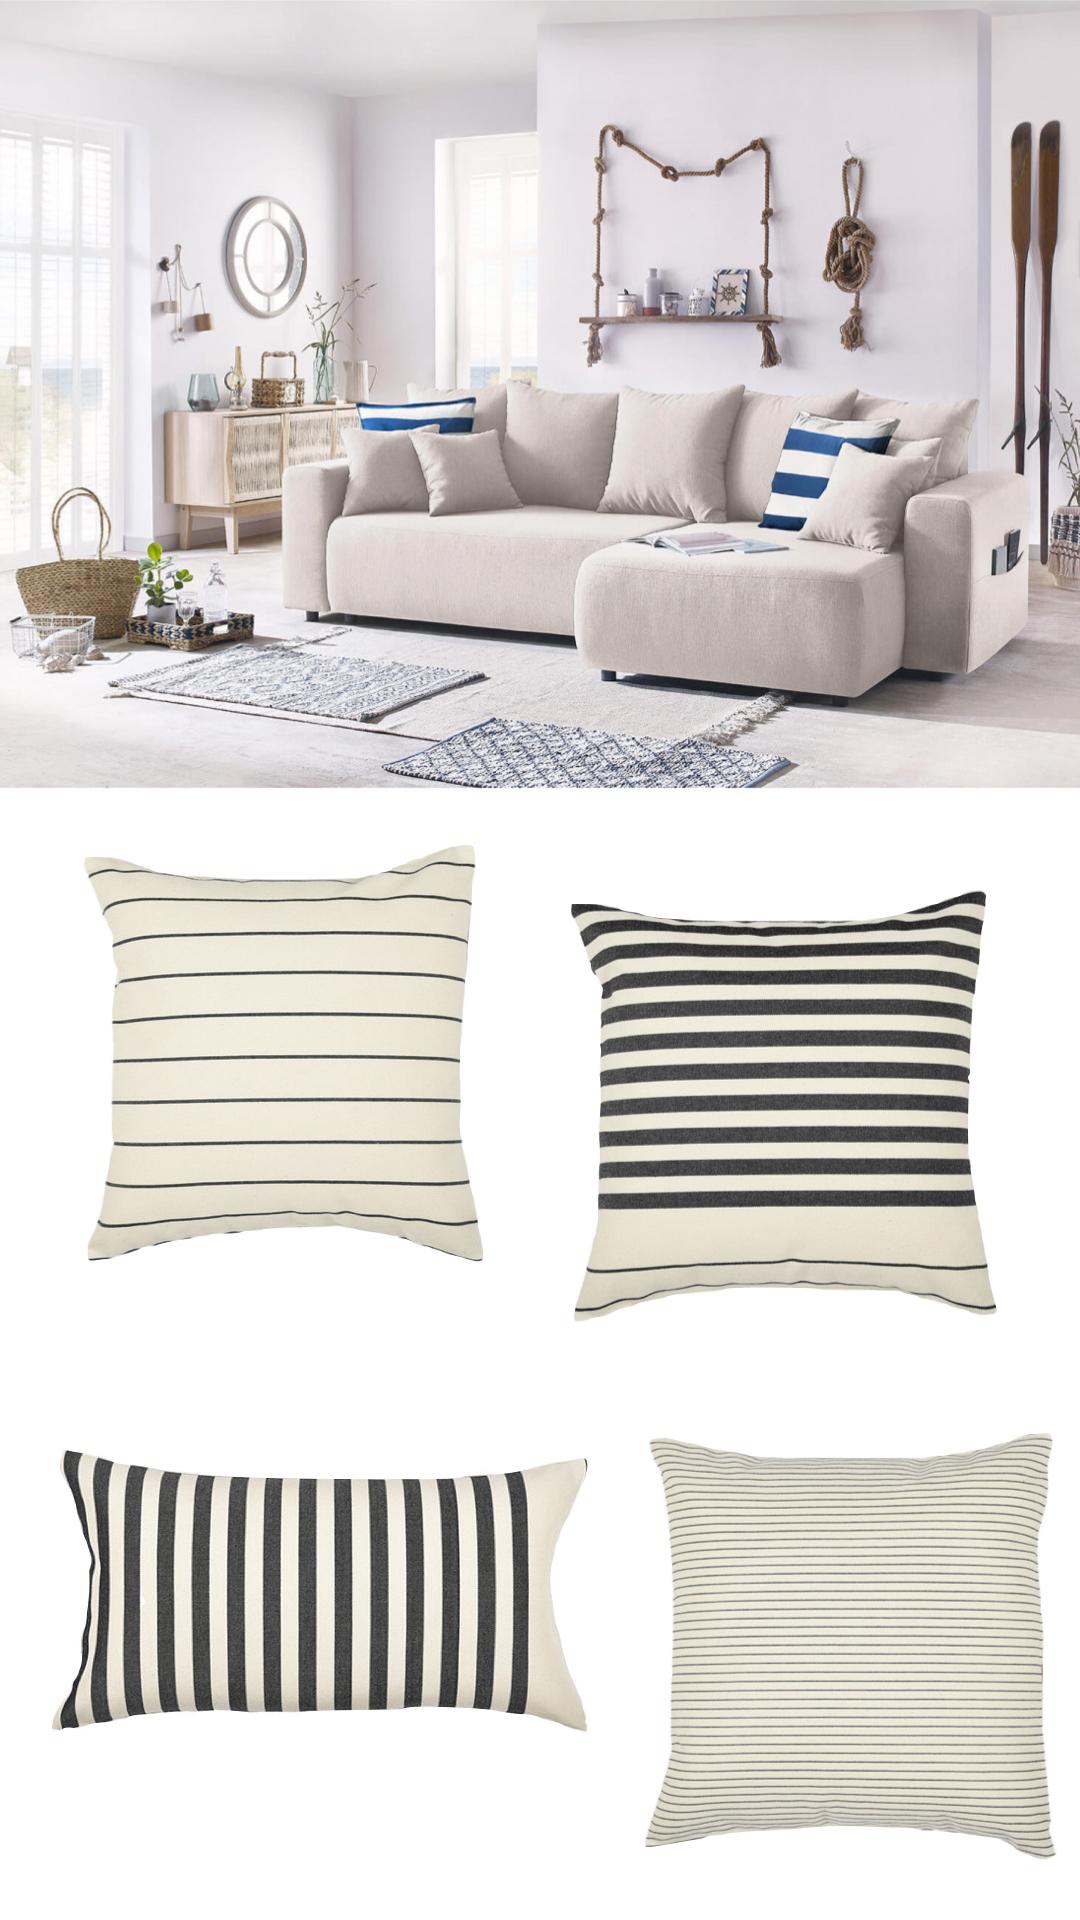 accessoiriser votre canapé coussin rayé marinière style méditerranée